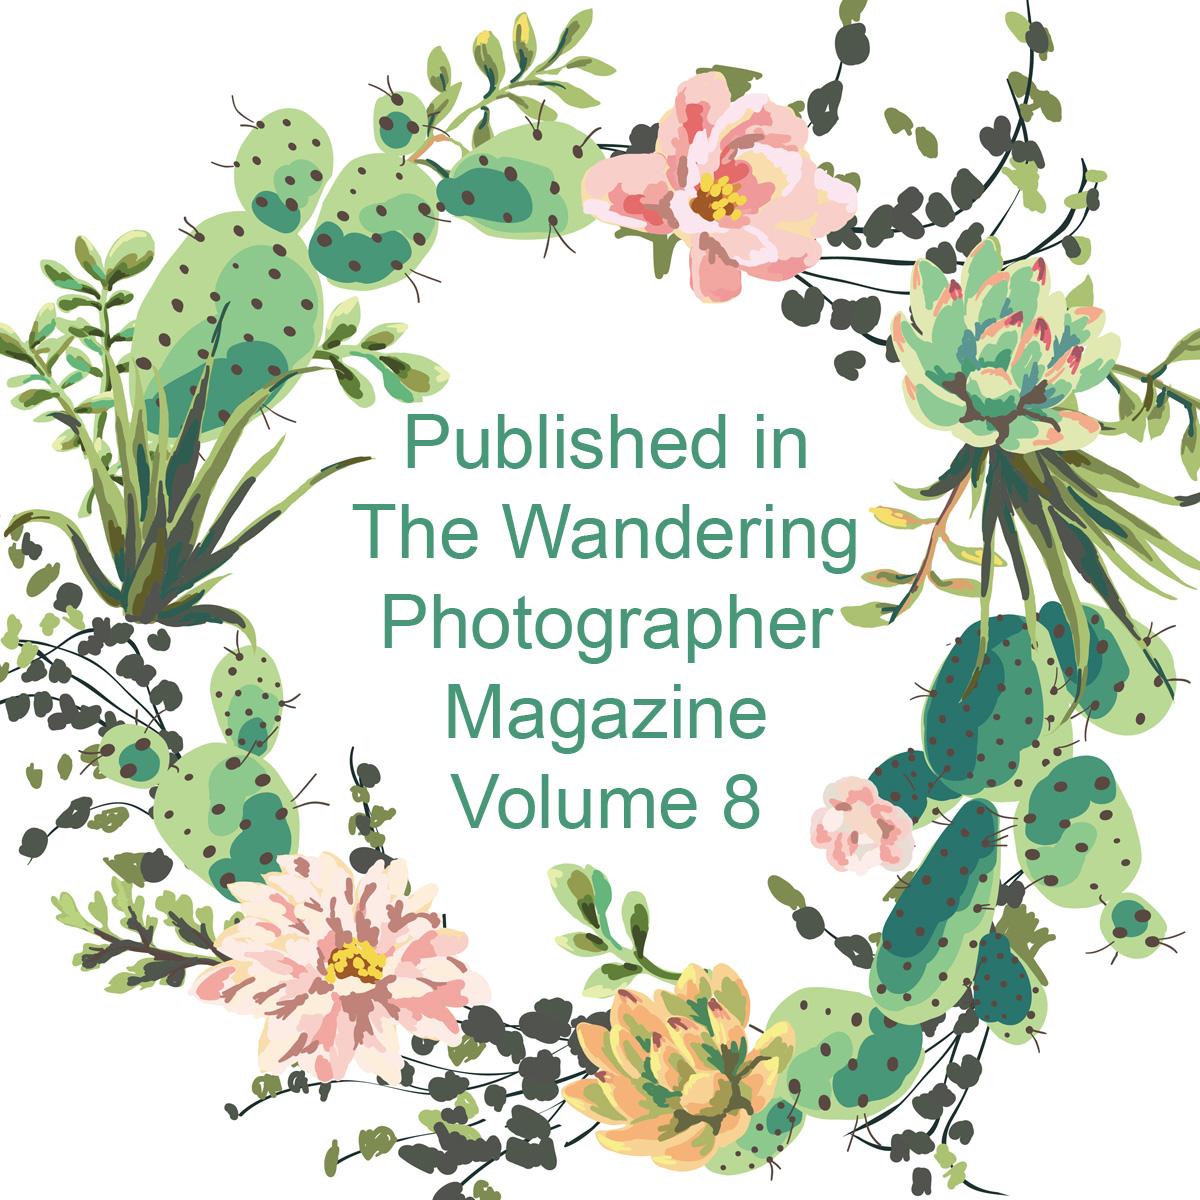 Williamsport PA published photographer the wandering photographer magazine